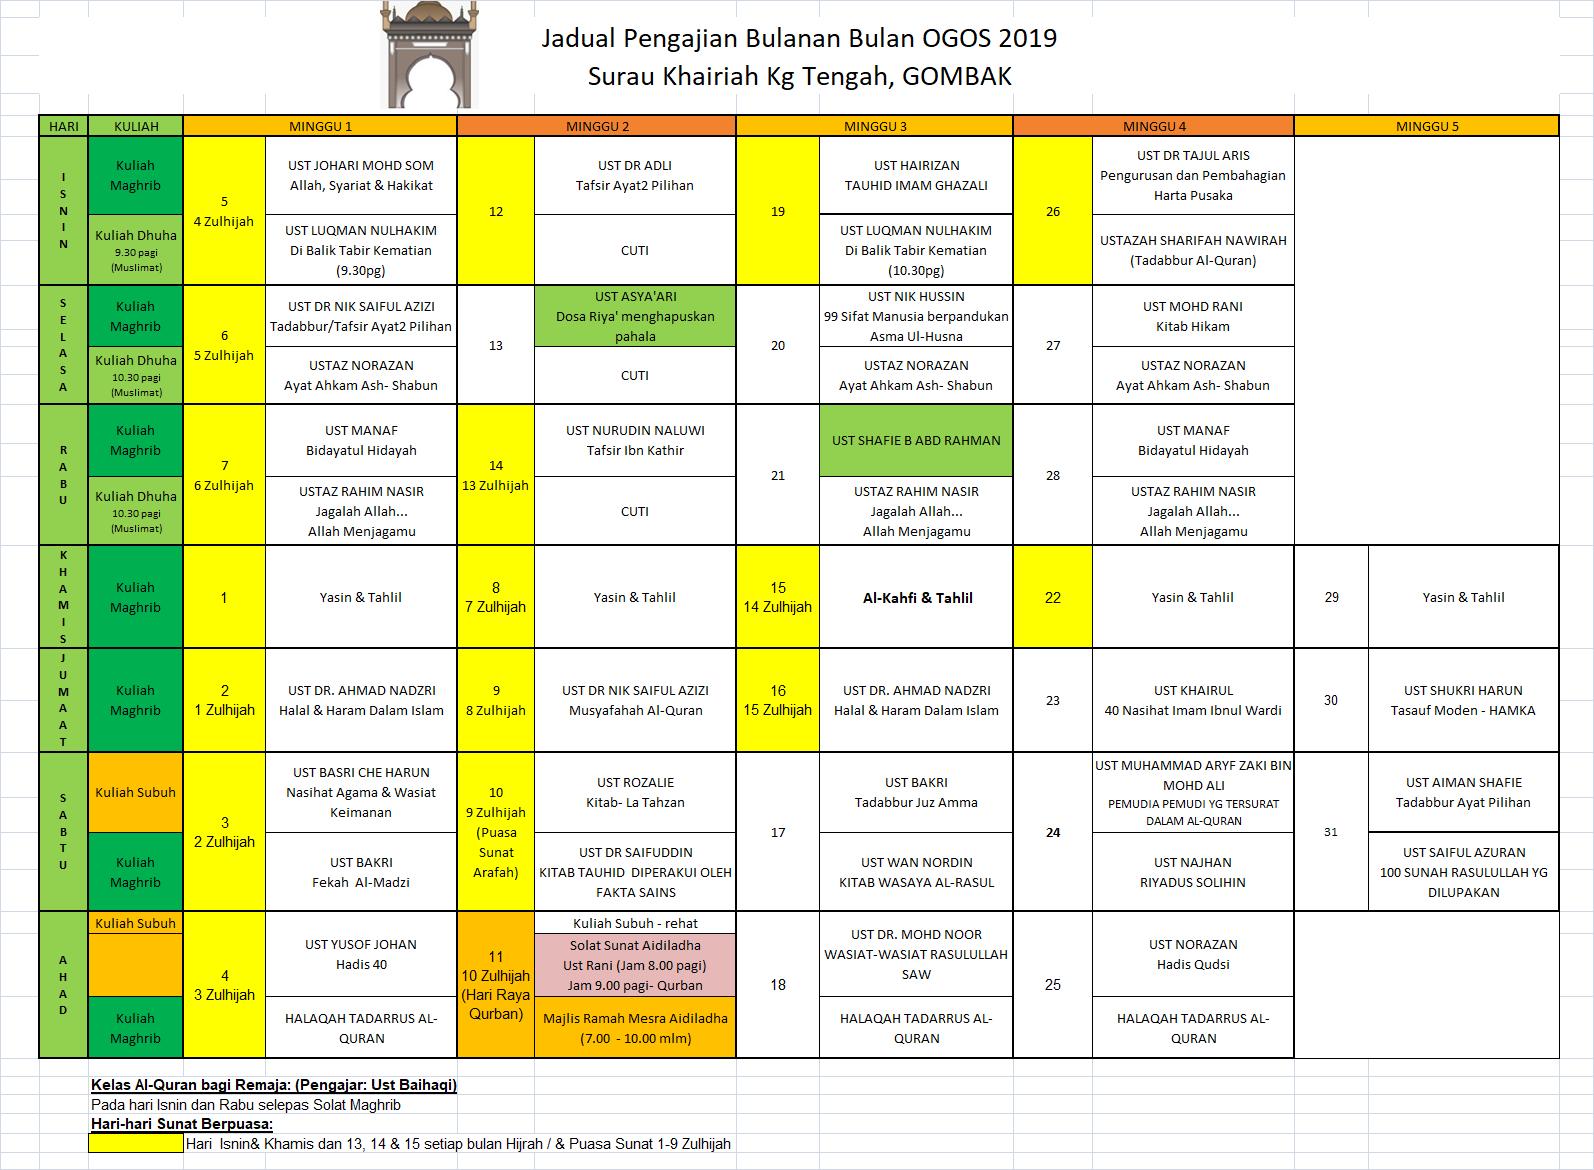 Jadual Ogos 2019